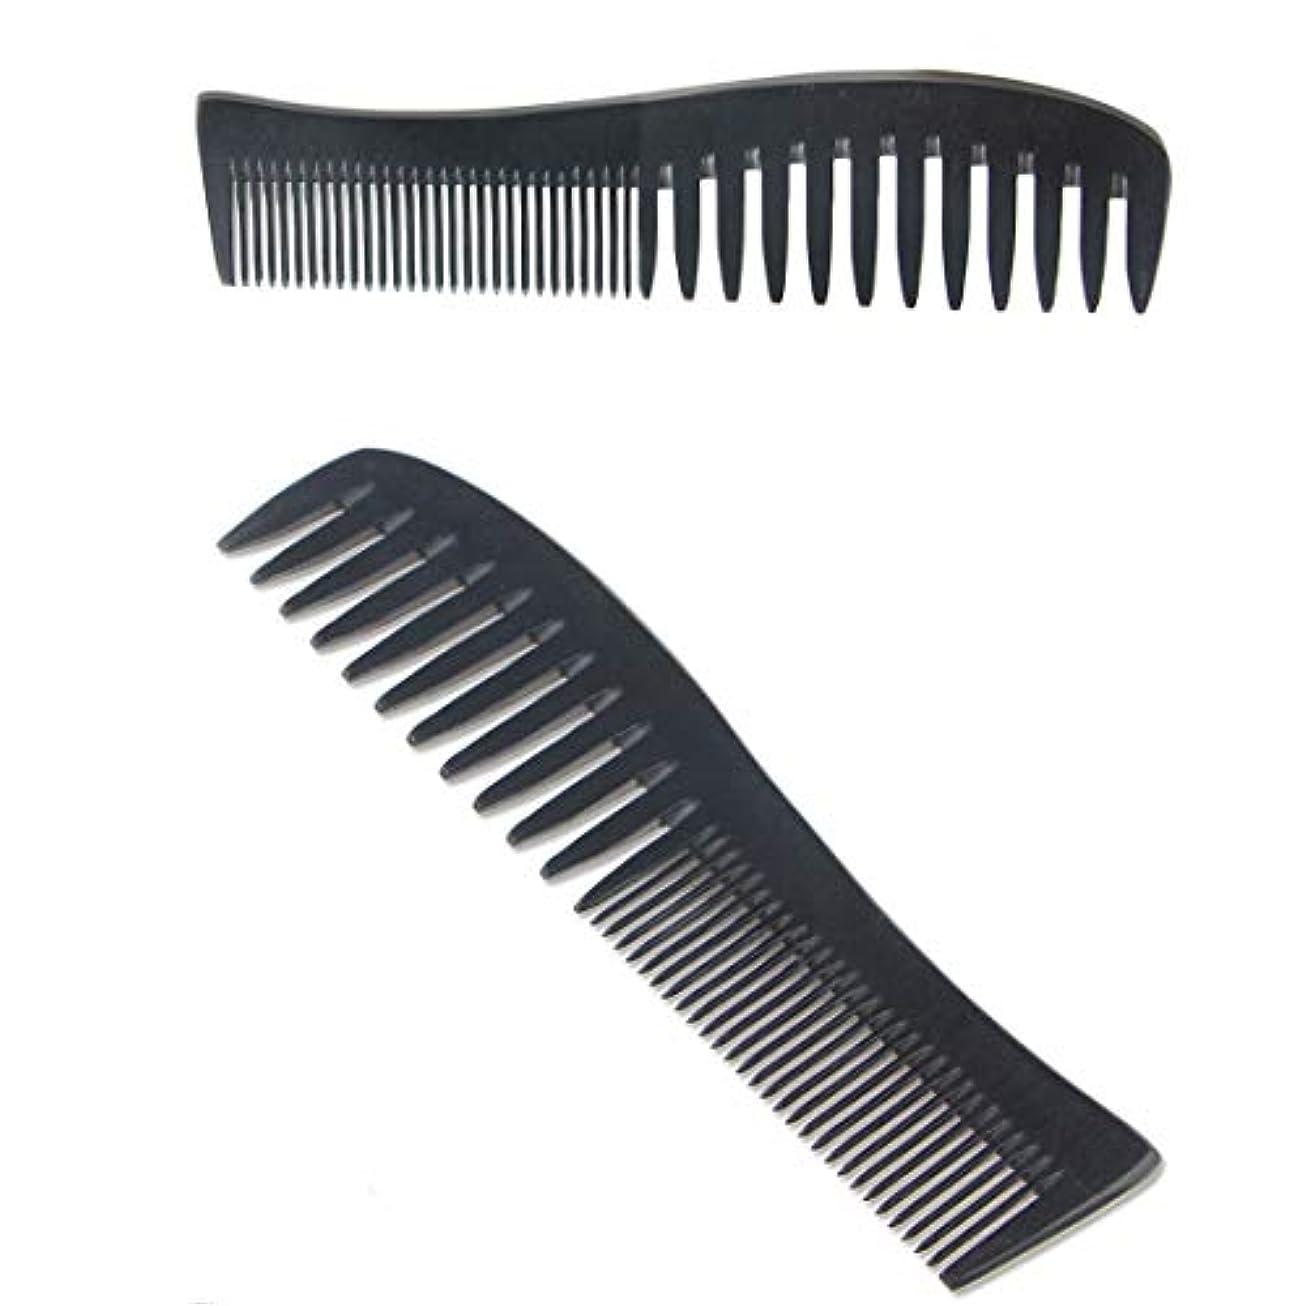 偏差年同じ手作りの木製くし - ふけ防止、帯電防止、環境にやさしい - 頭皮と髪の健康に最適、幅広の歯2個 ヘアケア (色 : 2Pcs)